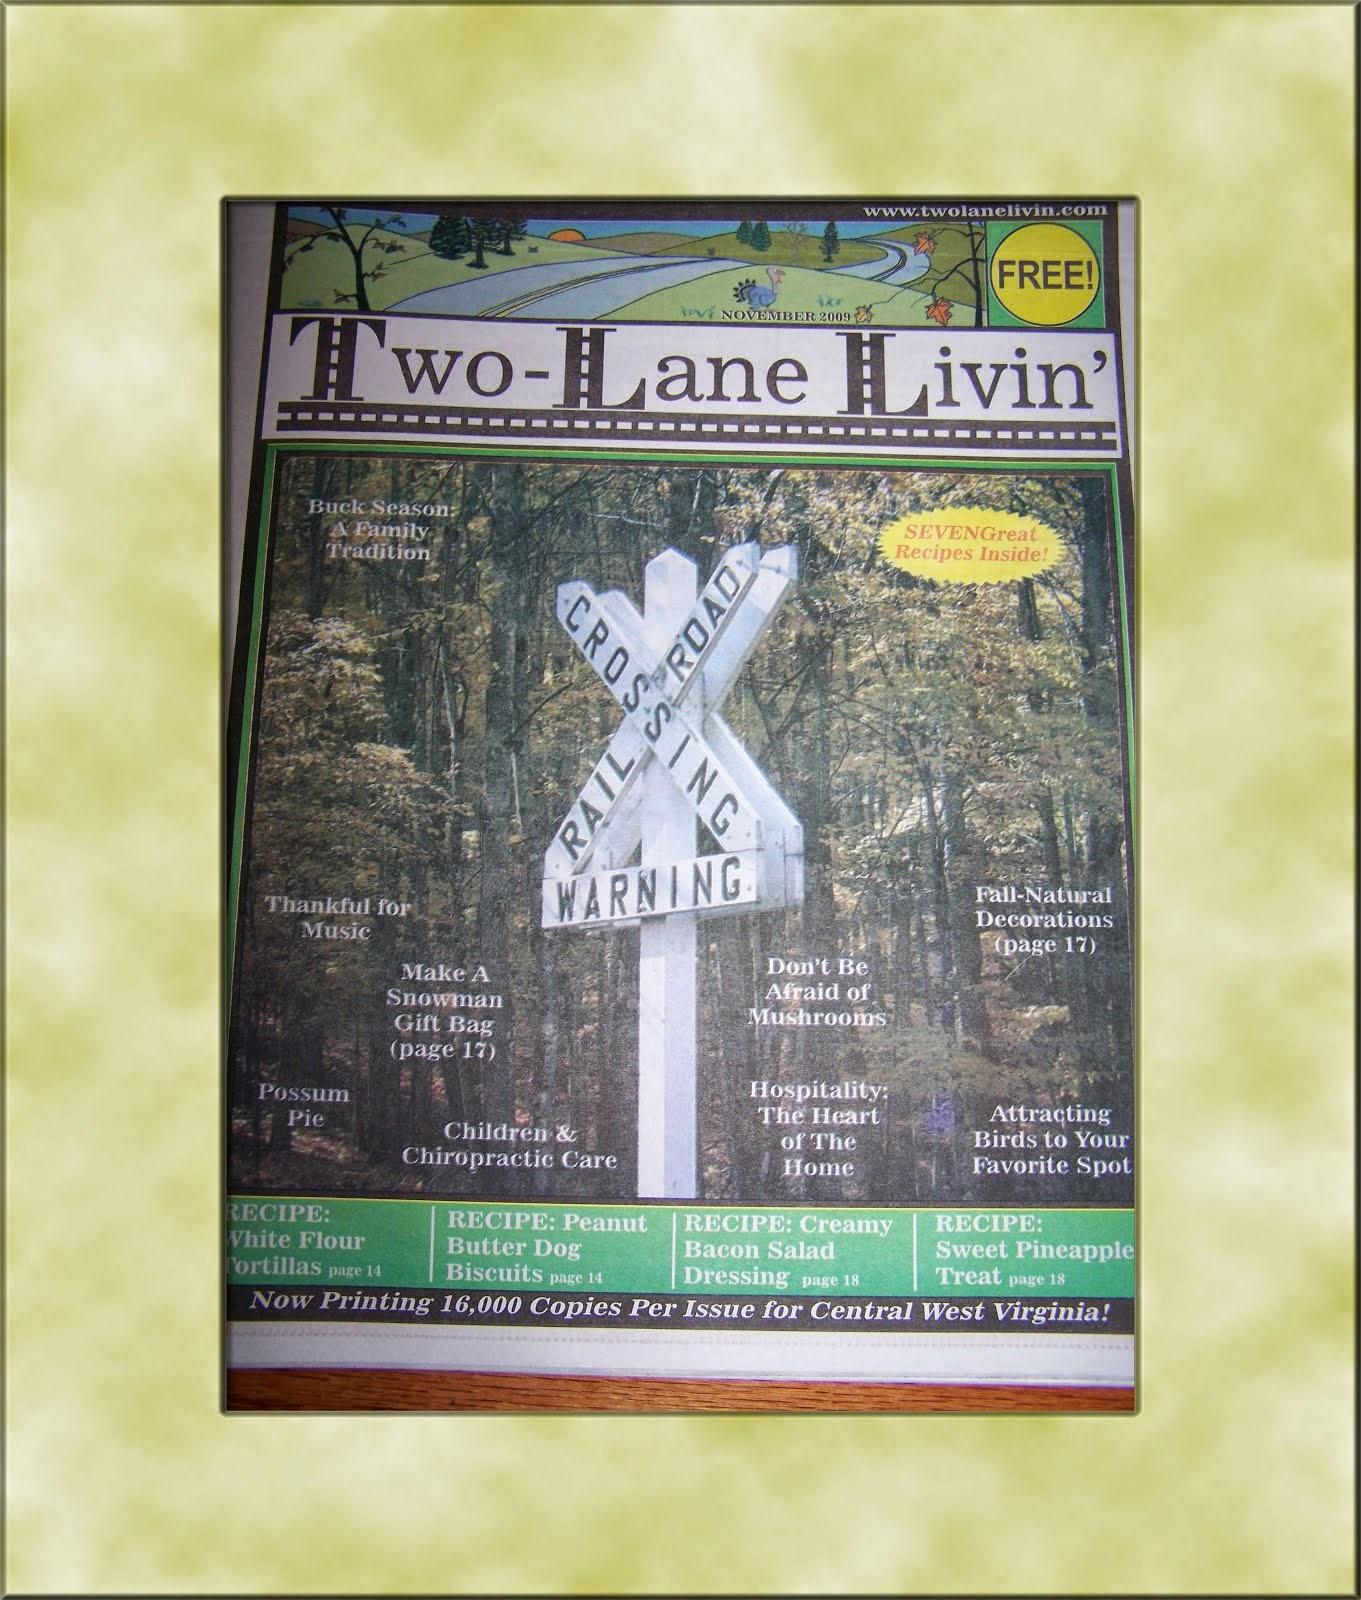 Columnist For Two-Lane Livin' Magazine